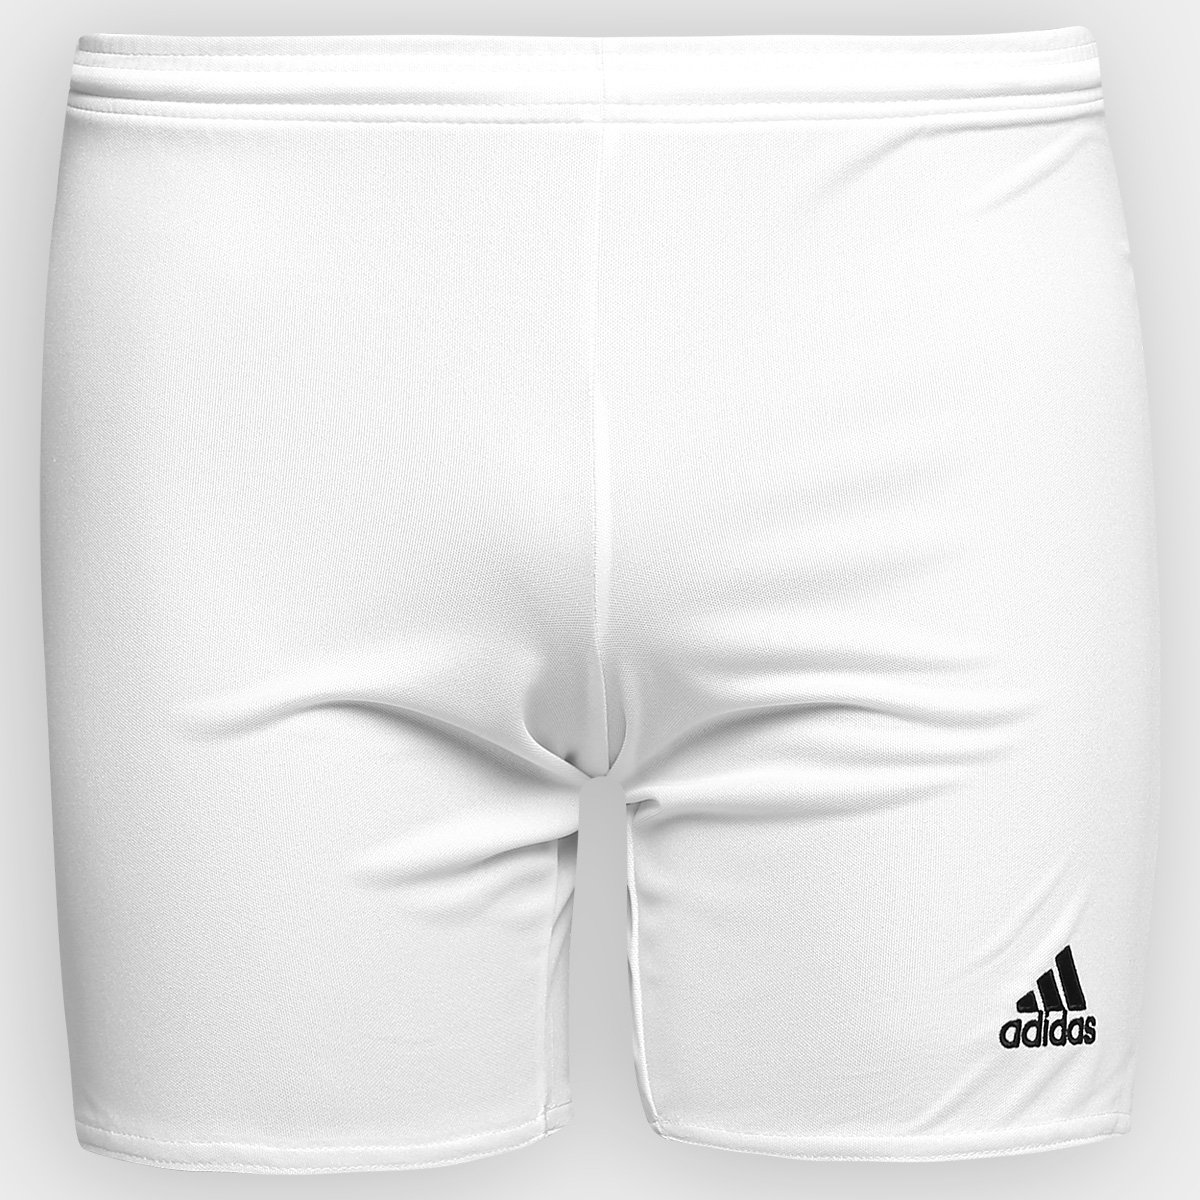 Calção Infantil Adidas Parma 16 - Branco - Compre Agora  c8f1a8115941b